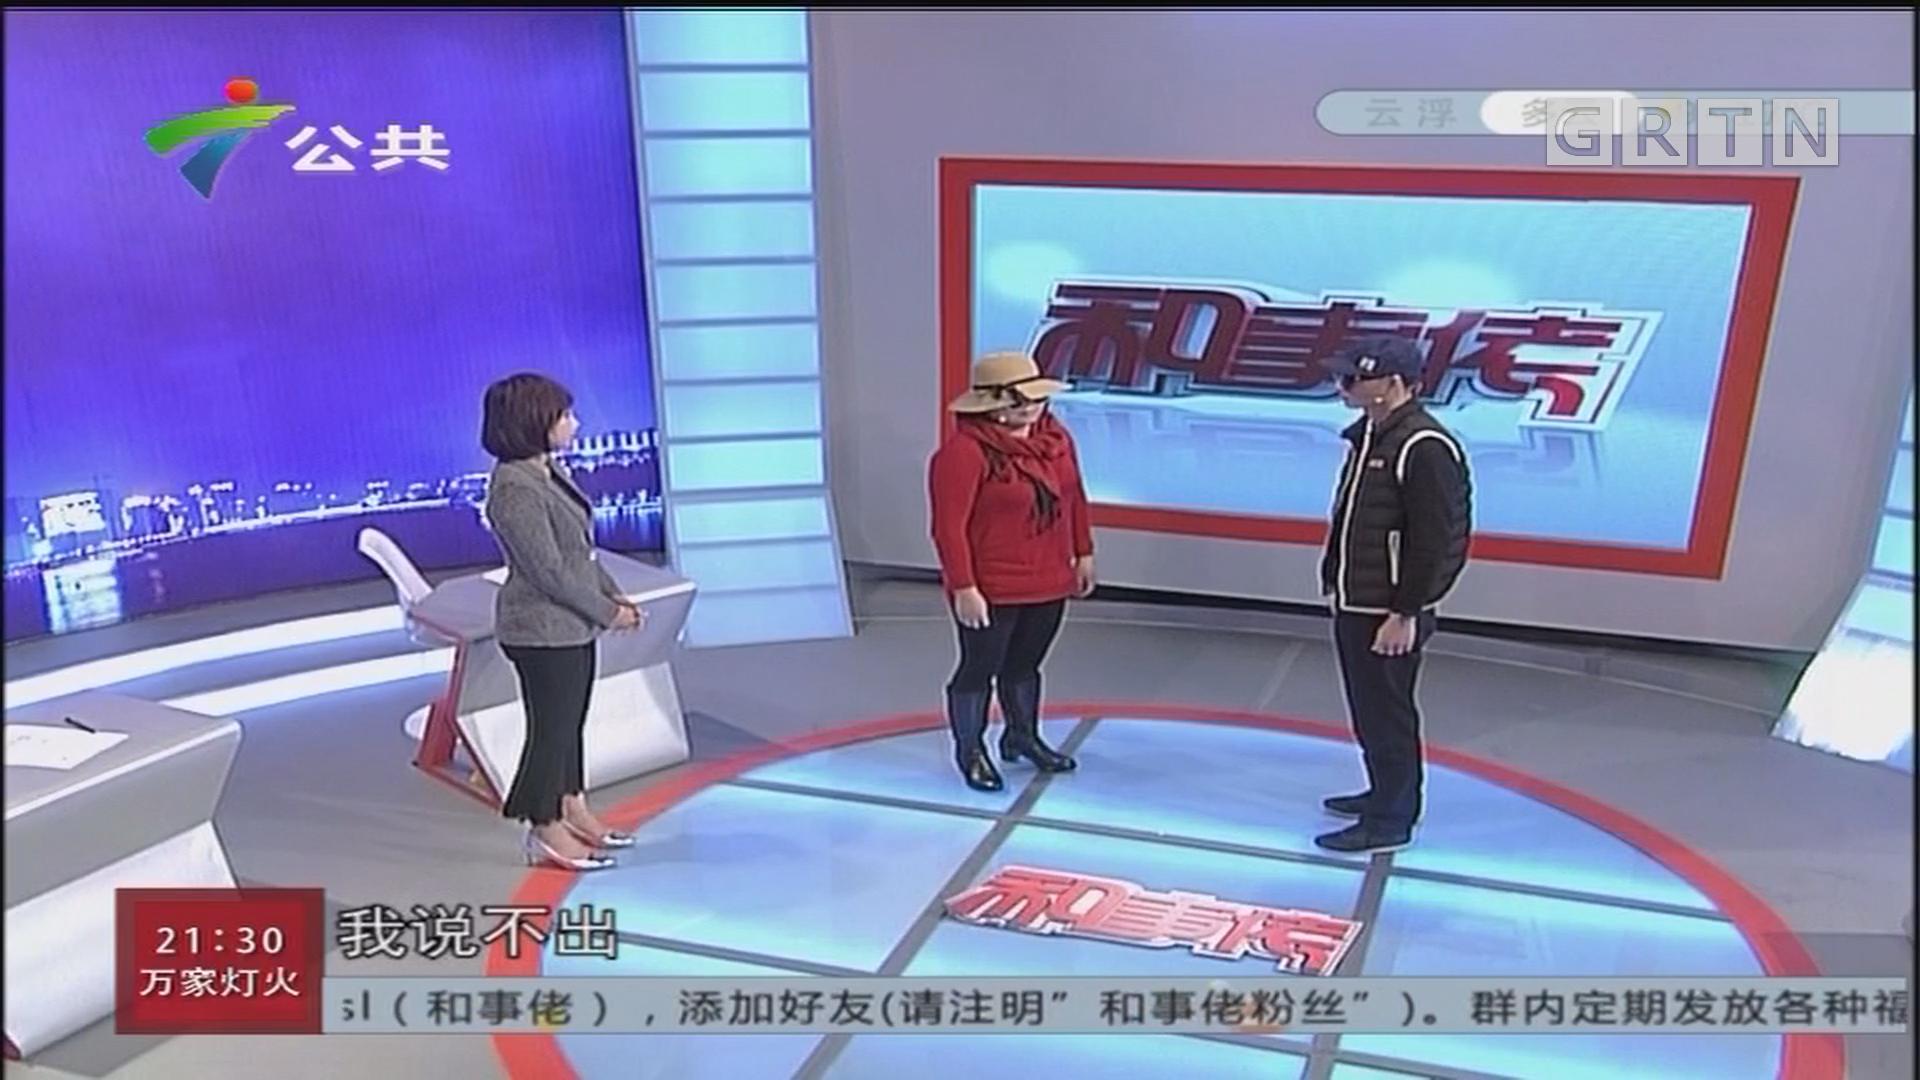 [2018-03-07]和事佬:婚姻的束缚我不要(下)